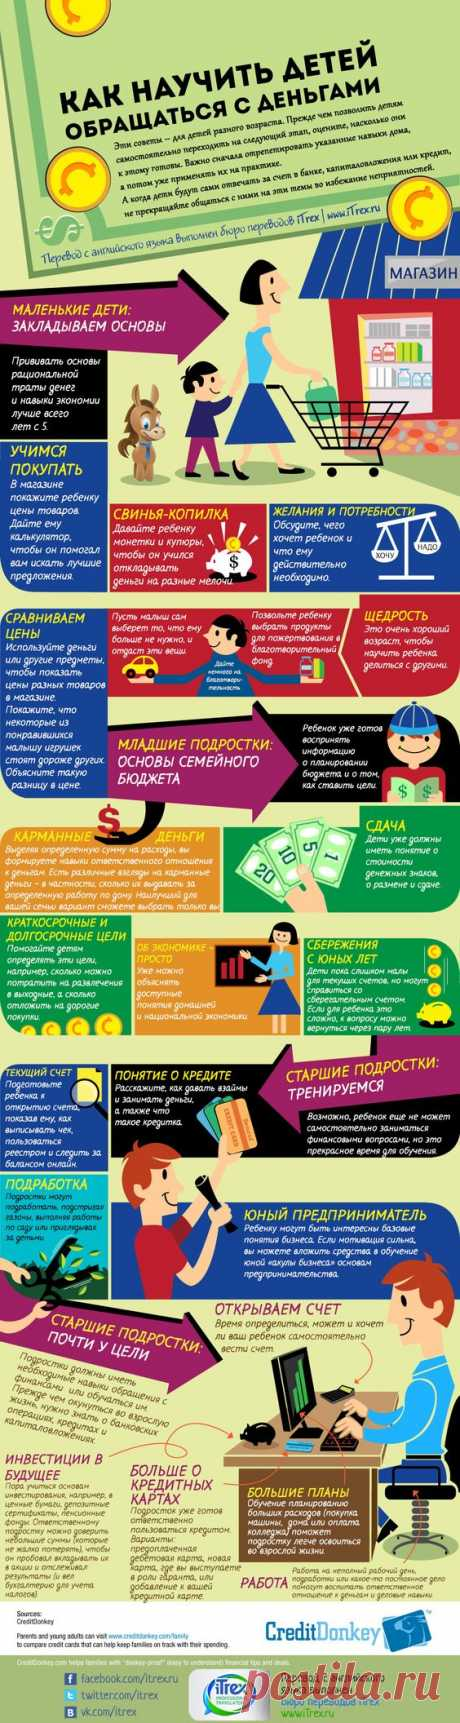 Как приручить детям правильное отношение к деньгам?